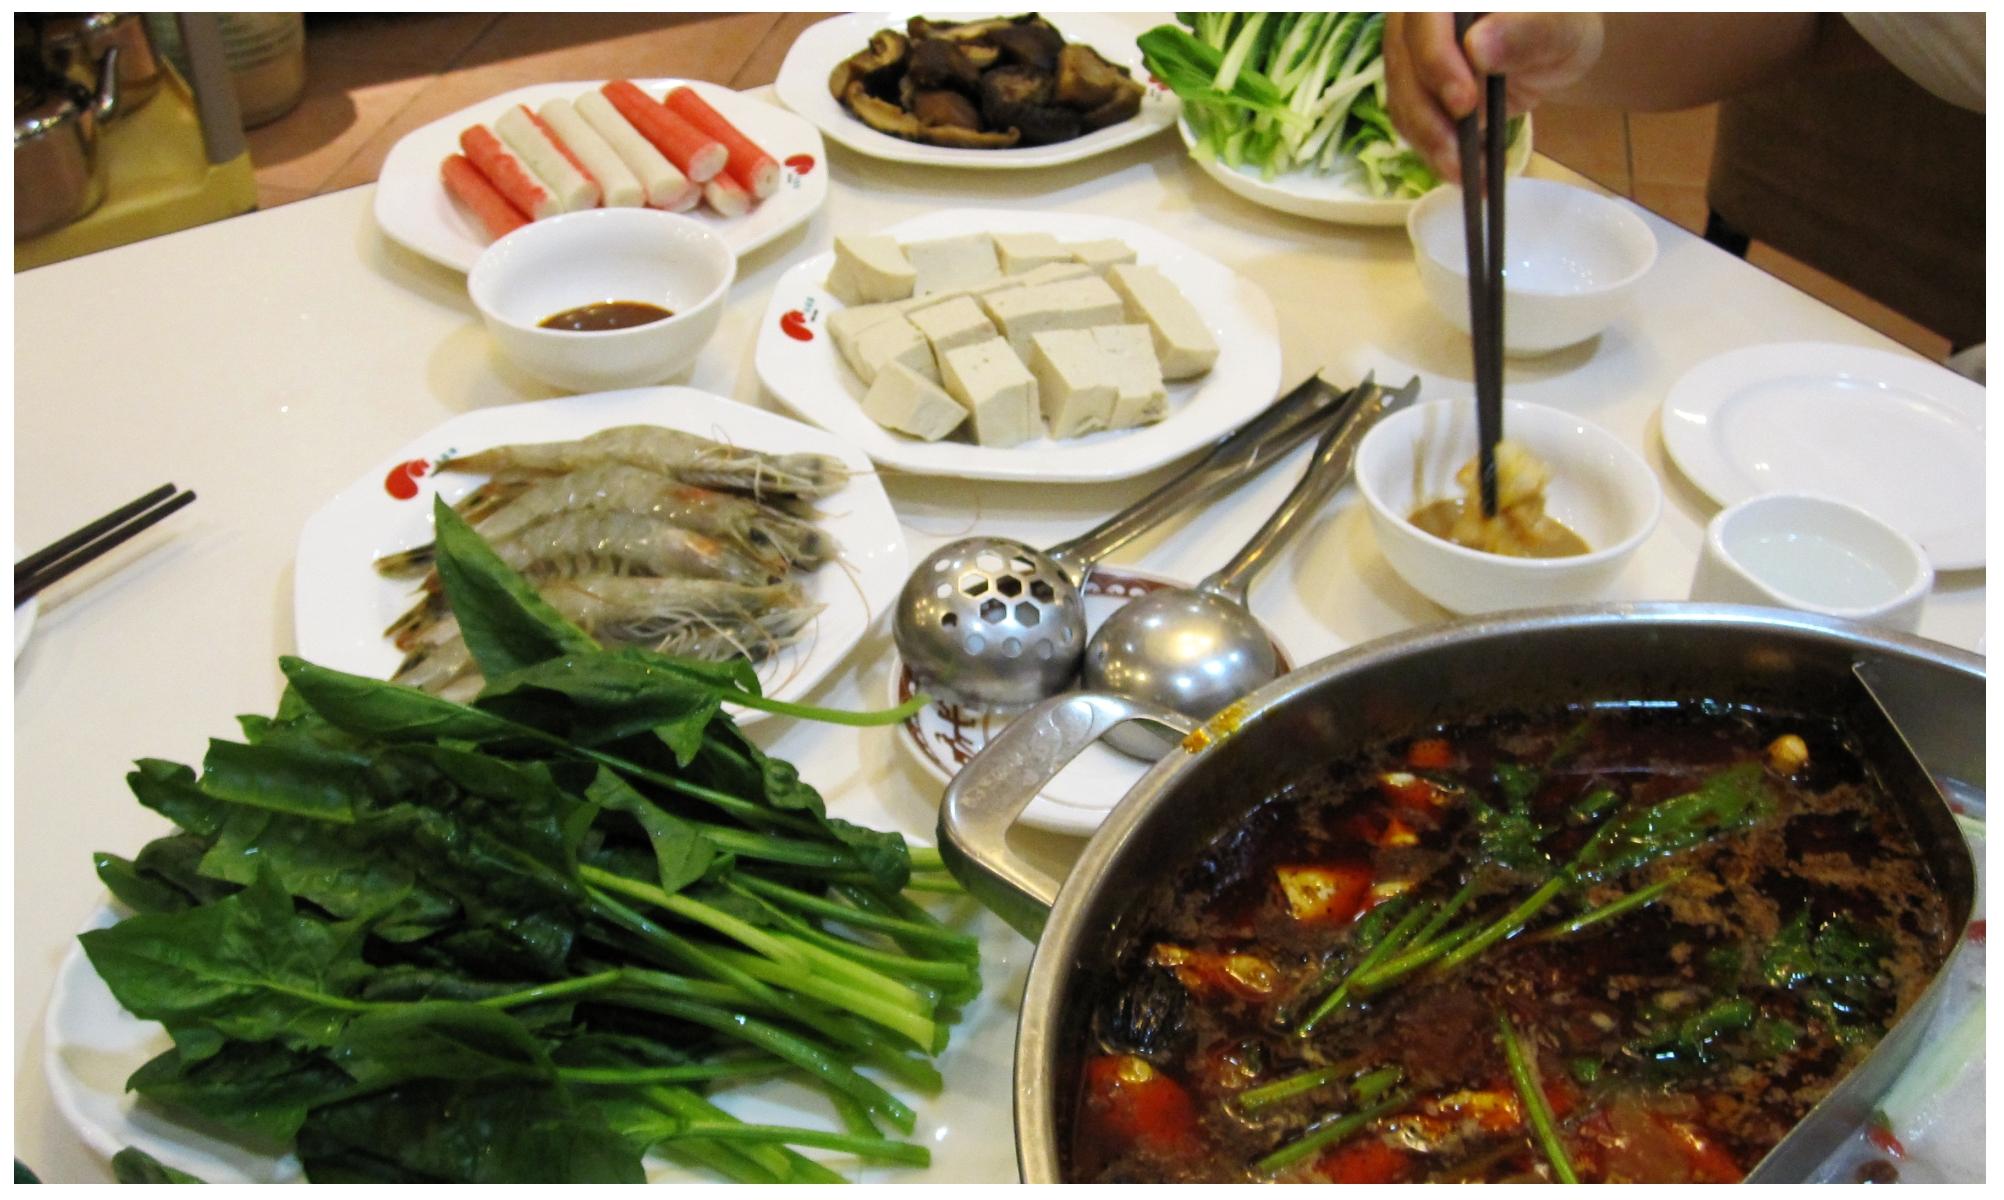 Xiao Wei Yang Hotpot Dubai